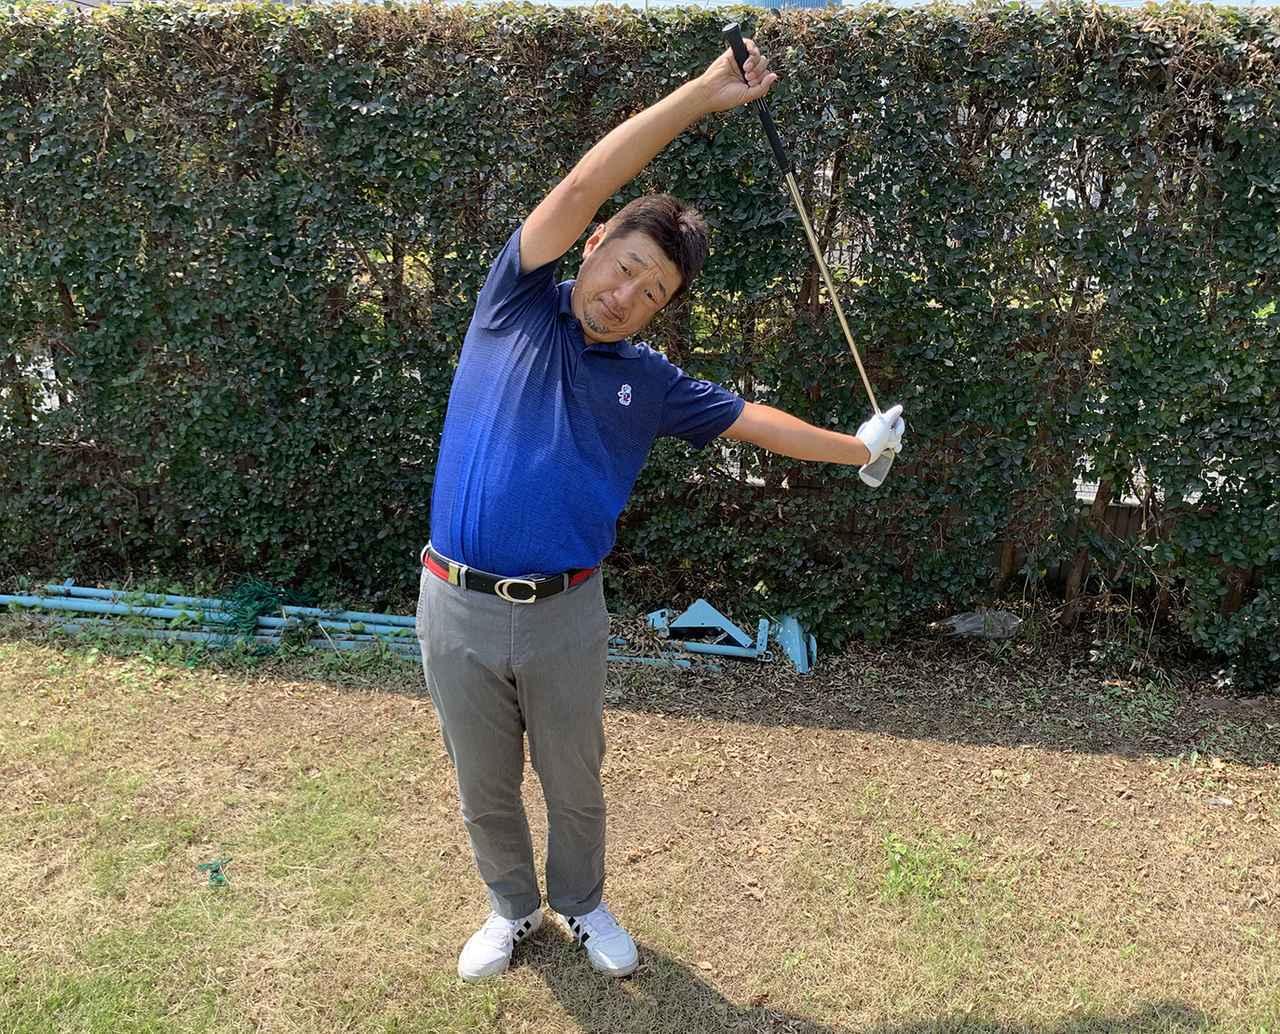 画像: 体が硬い人は2軸意識でスウィングしたほうがいいってホント!? 体が硬いゴルフバカがやってみた - みんなのゴルフダイジェスト